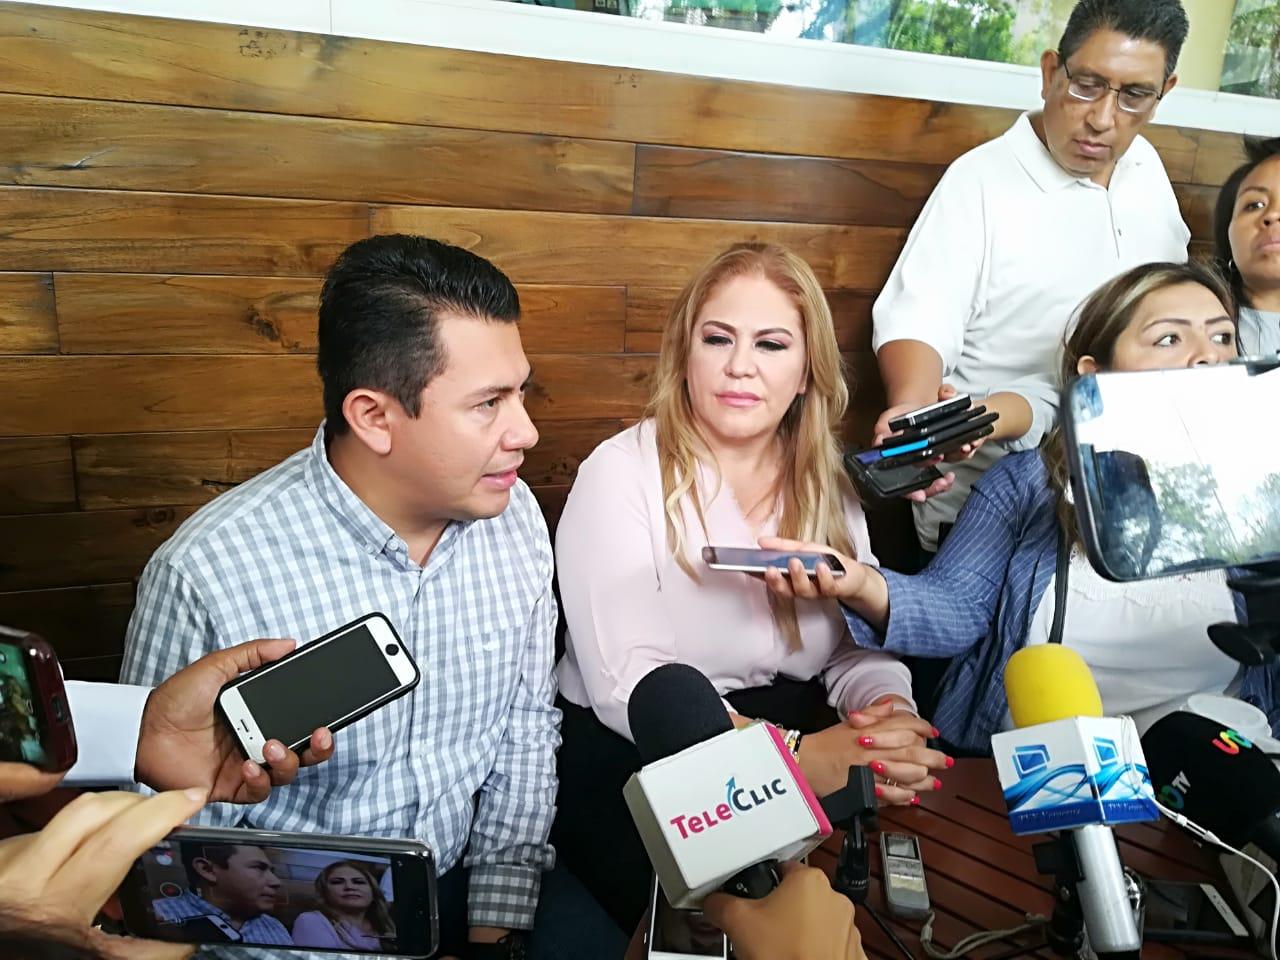 Candidata a diputada acusa amenazas y violencia política en su contra